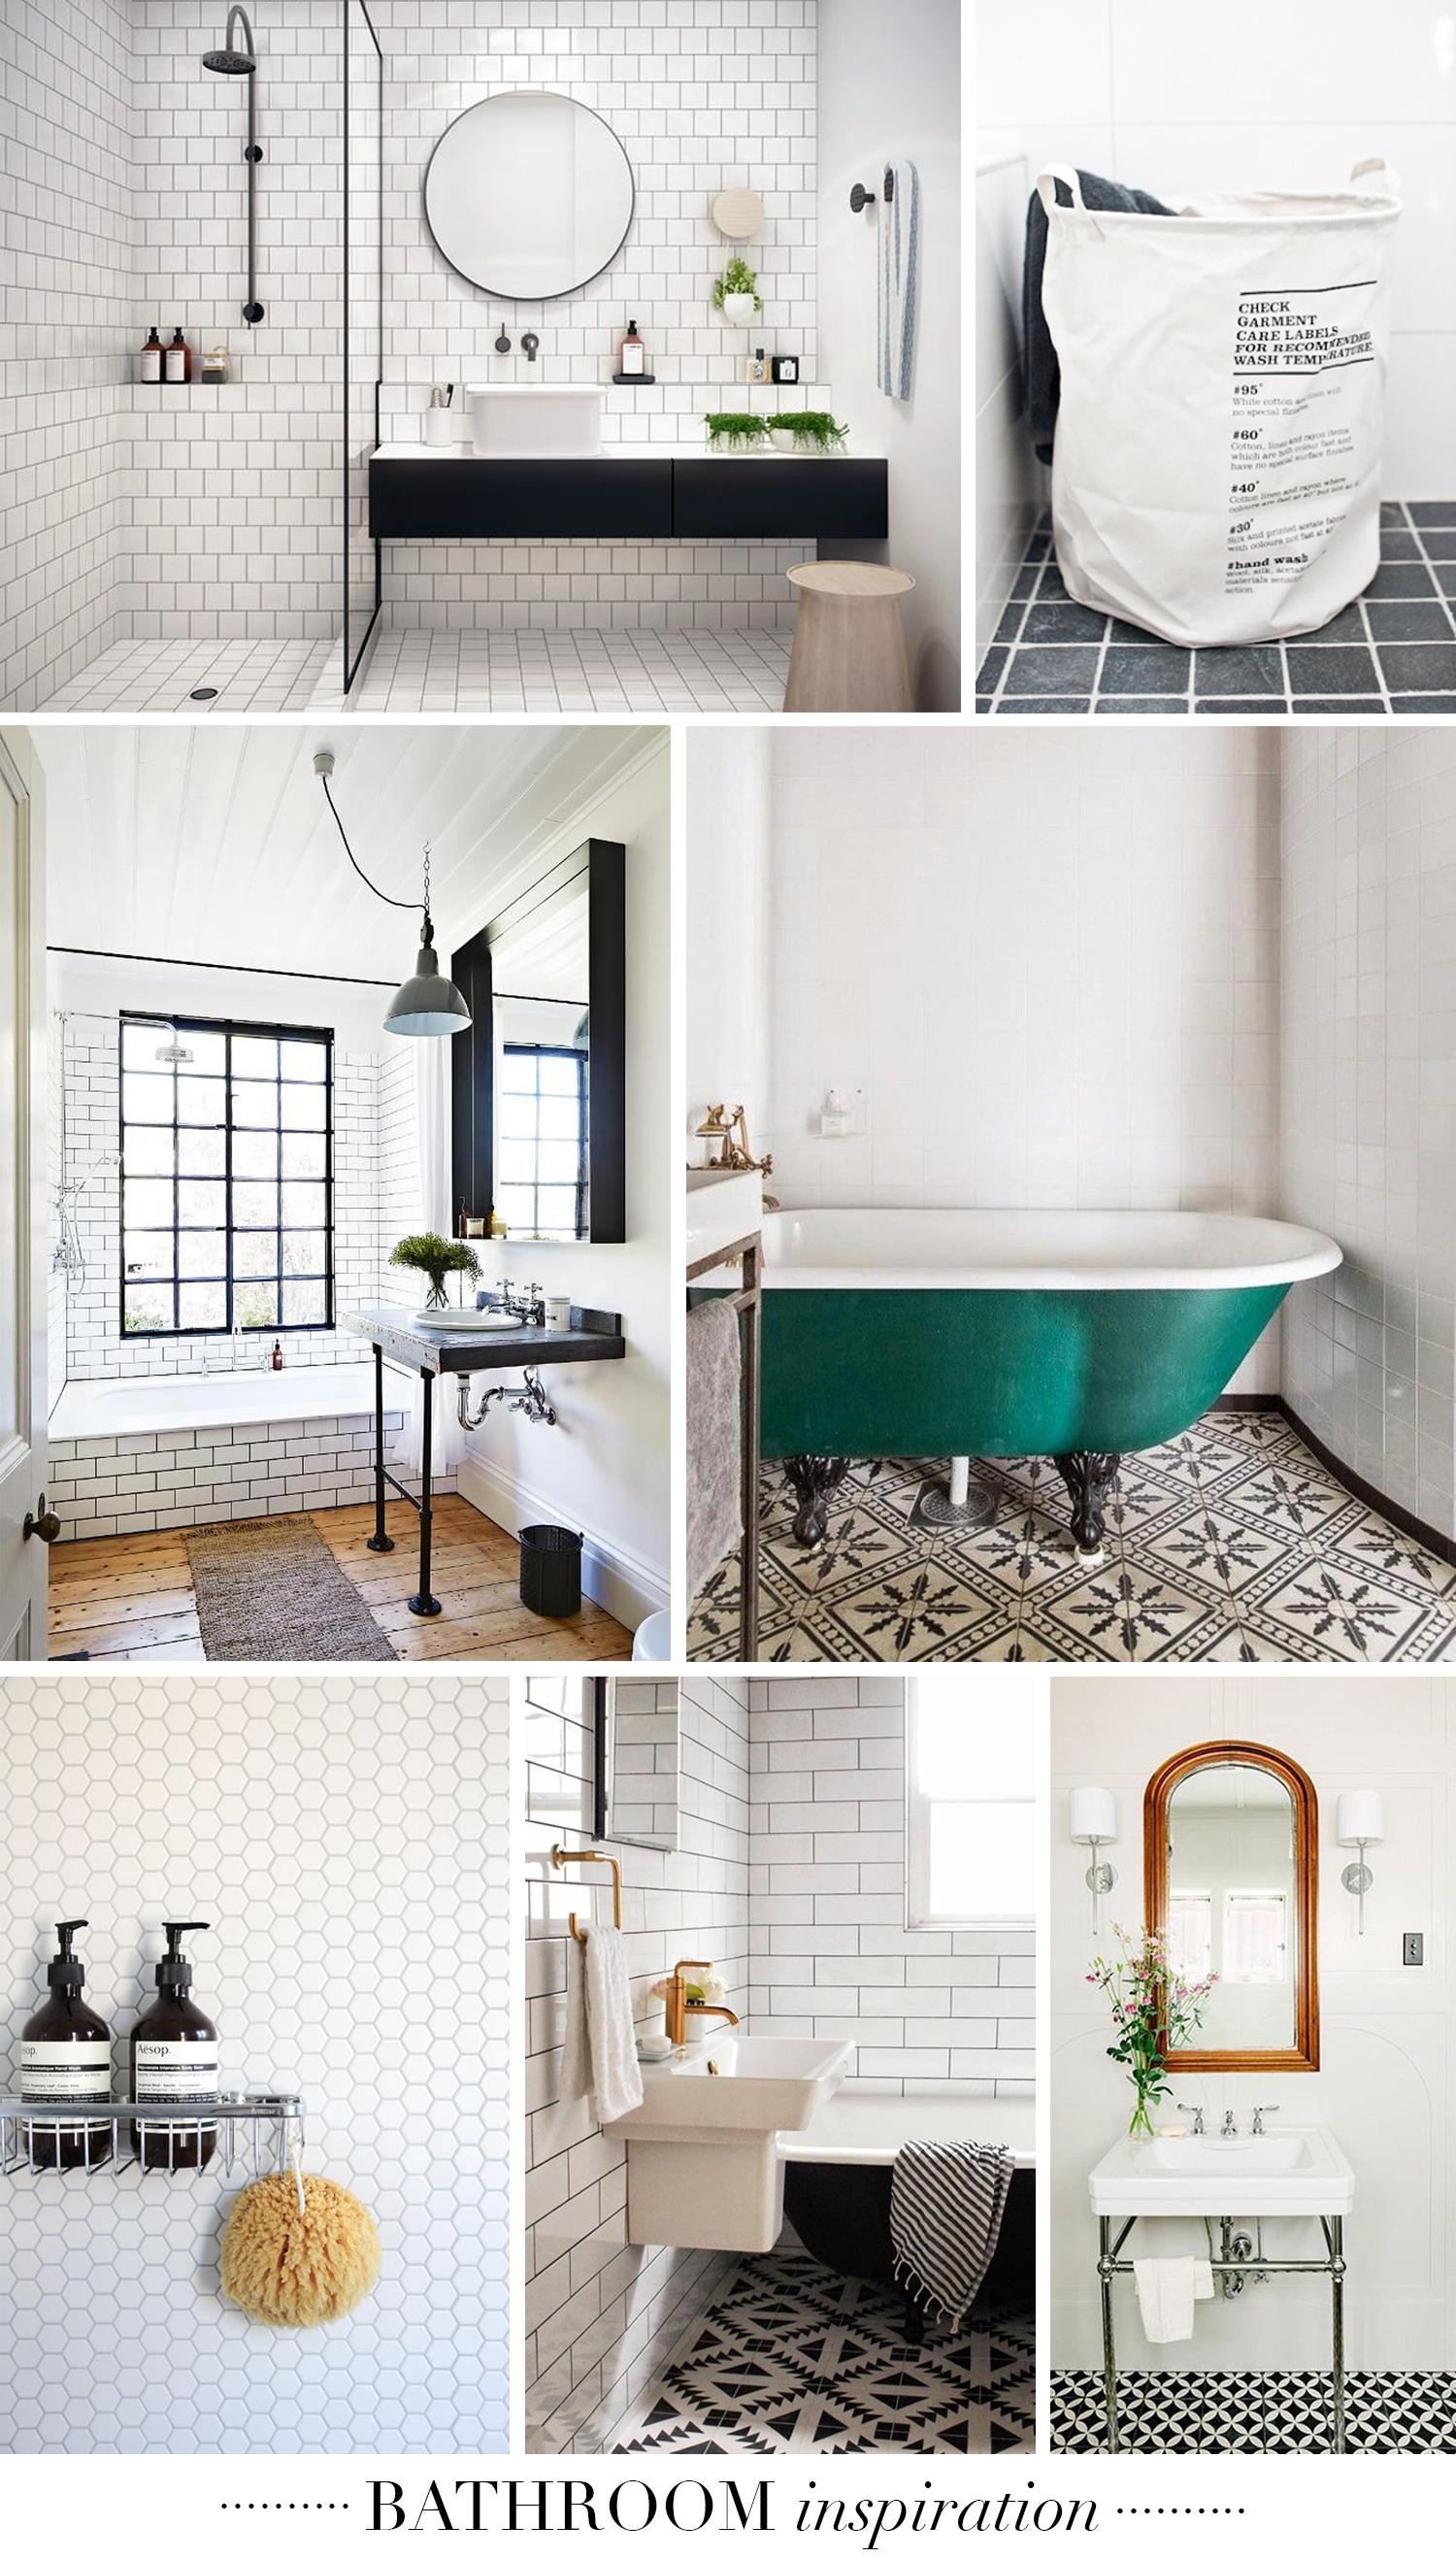 badeværelse@2x